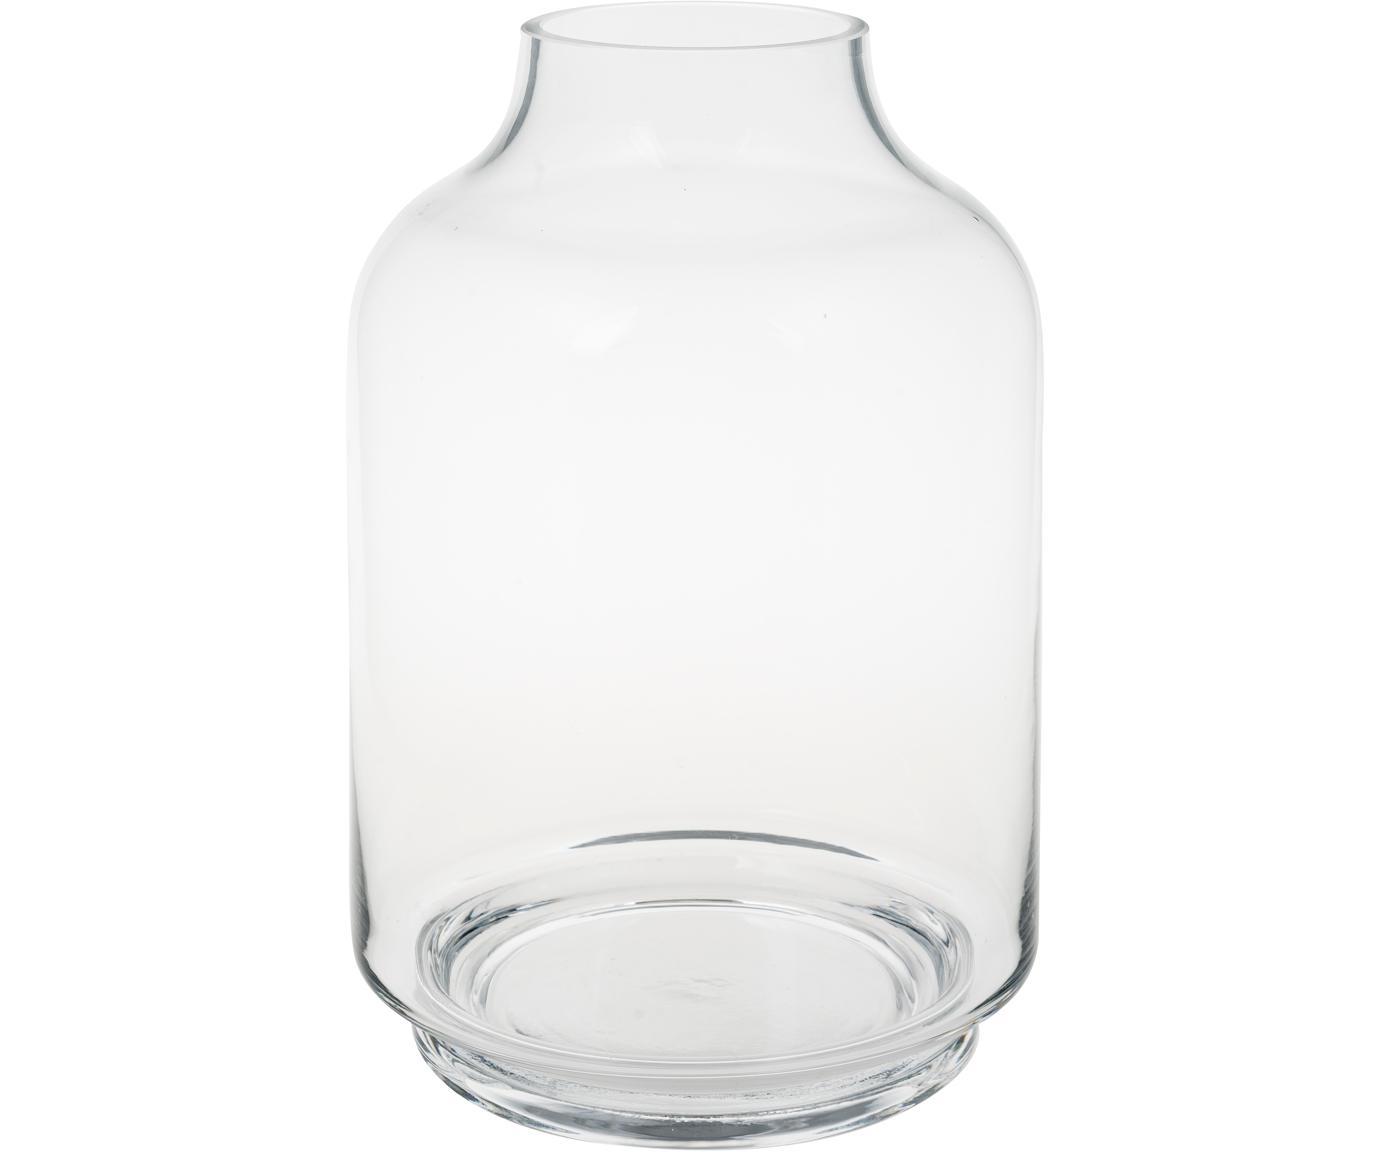 Wazon ze szkła Vibeke, Szkło, Transparentny, Ø 17 x W 26 cm